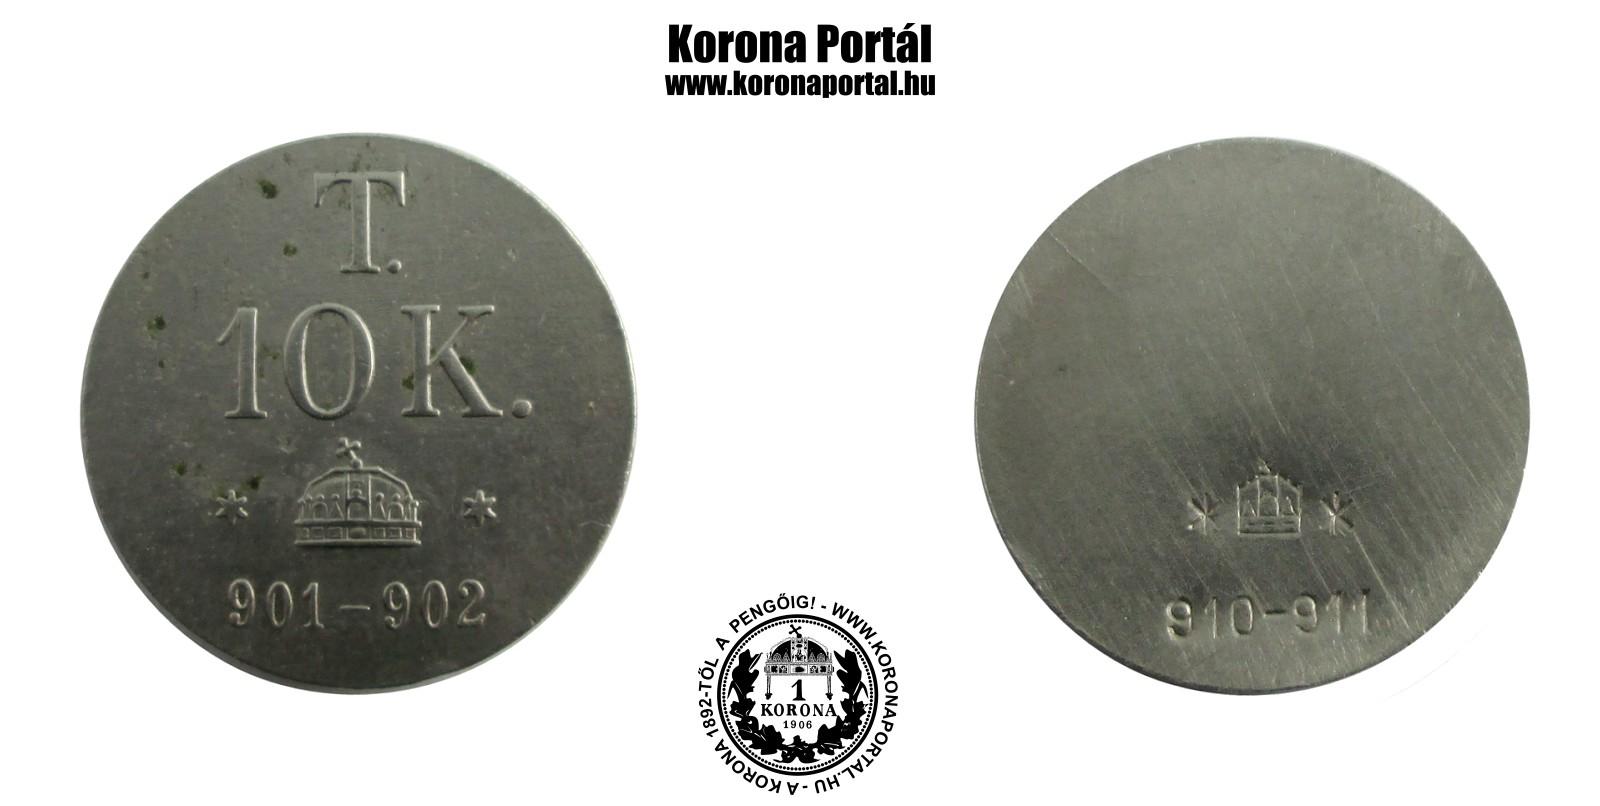 http://www.koronaportal.hu/penzsuly-sulypenz/www_koronaportal_hu_penzsuly-sulypenz-arany-10-korona-10k-t-901-902_vekony.jpg